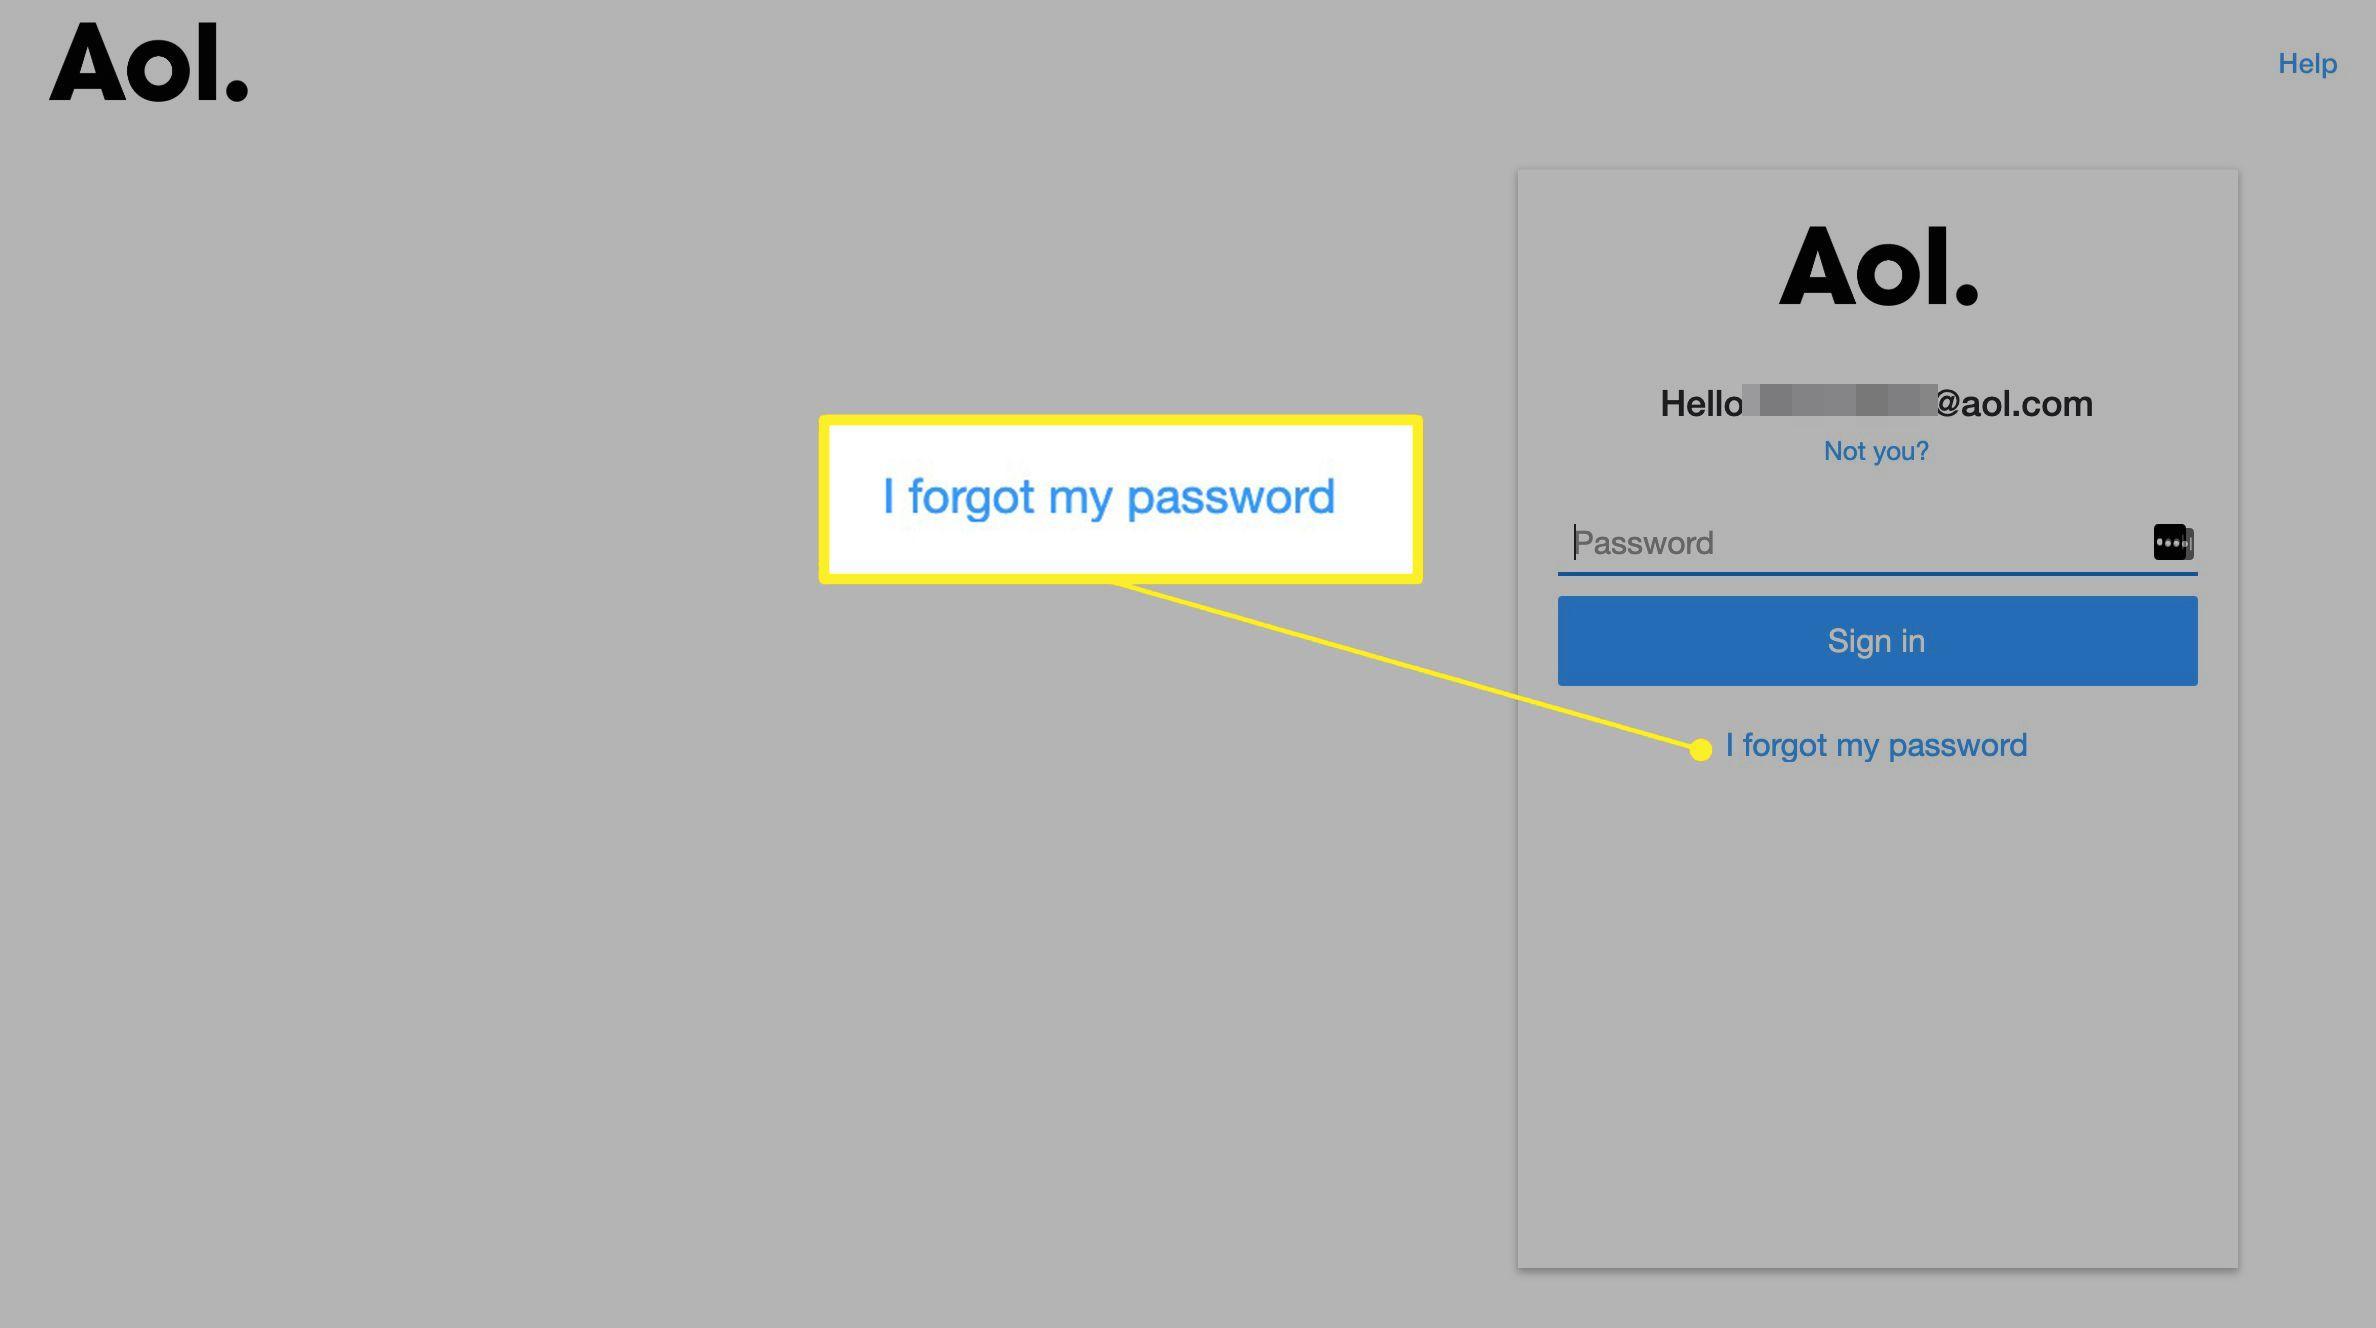 AOL forgot password